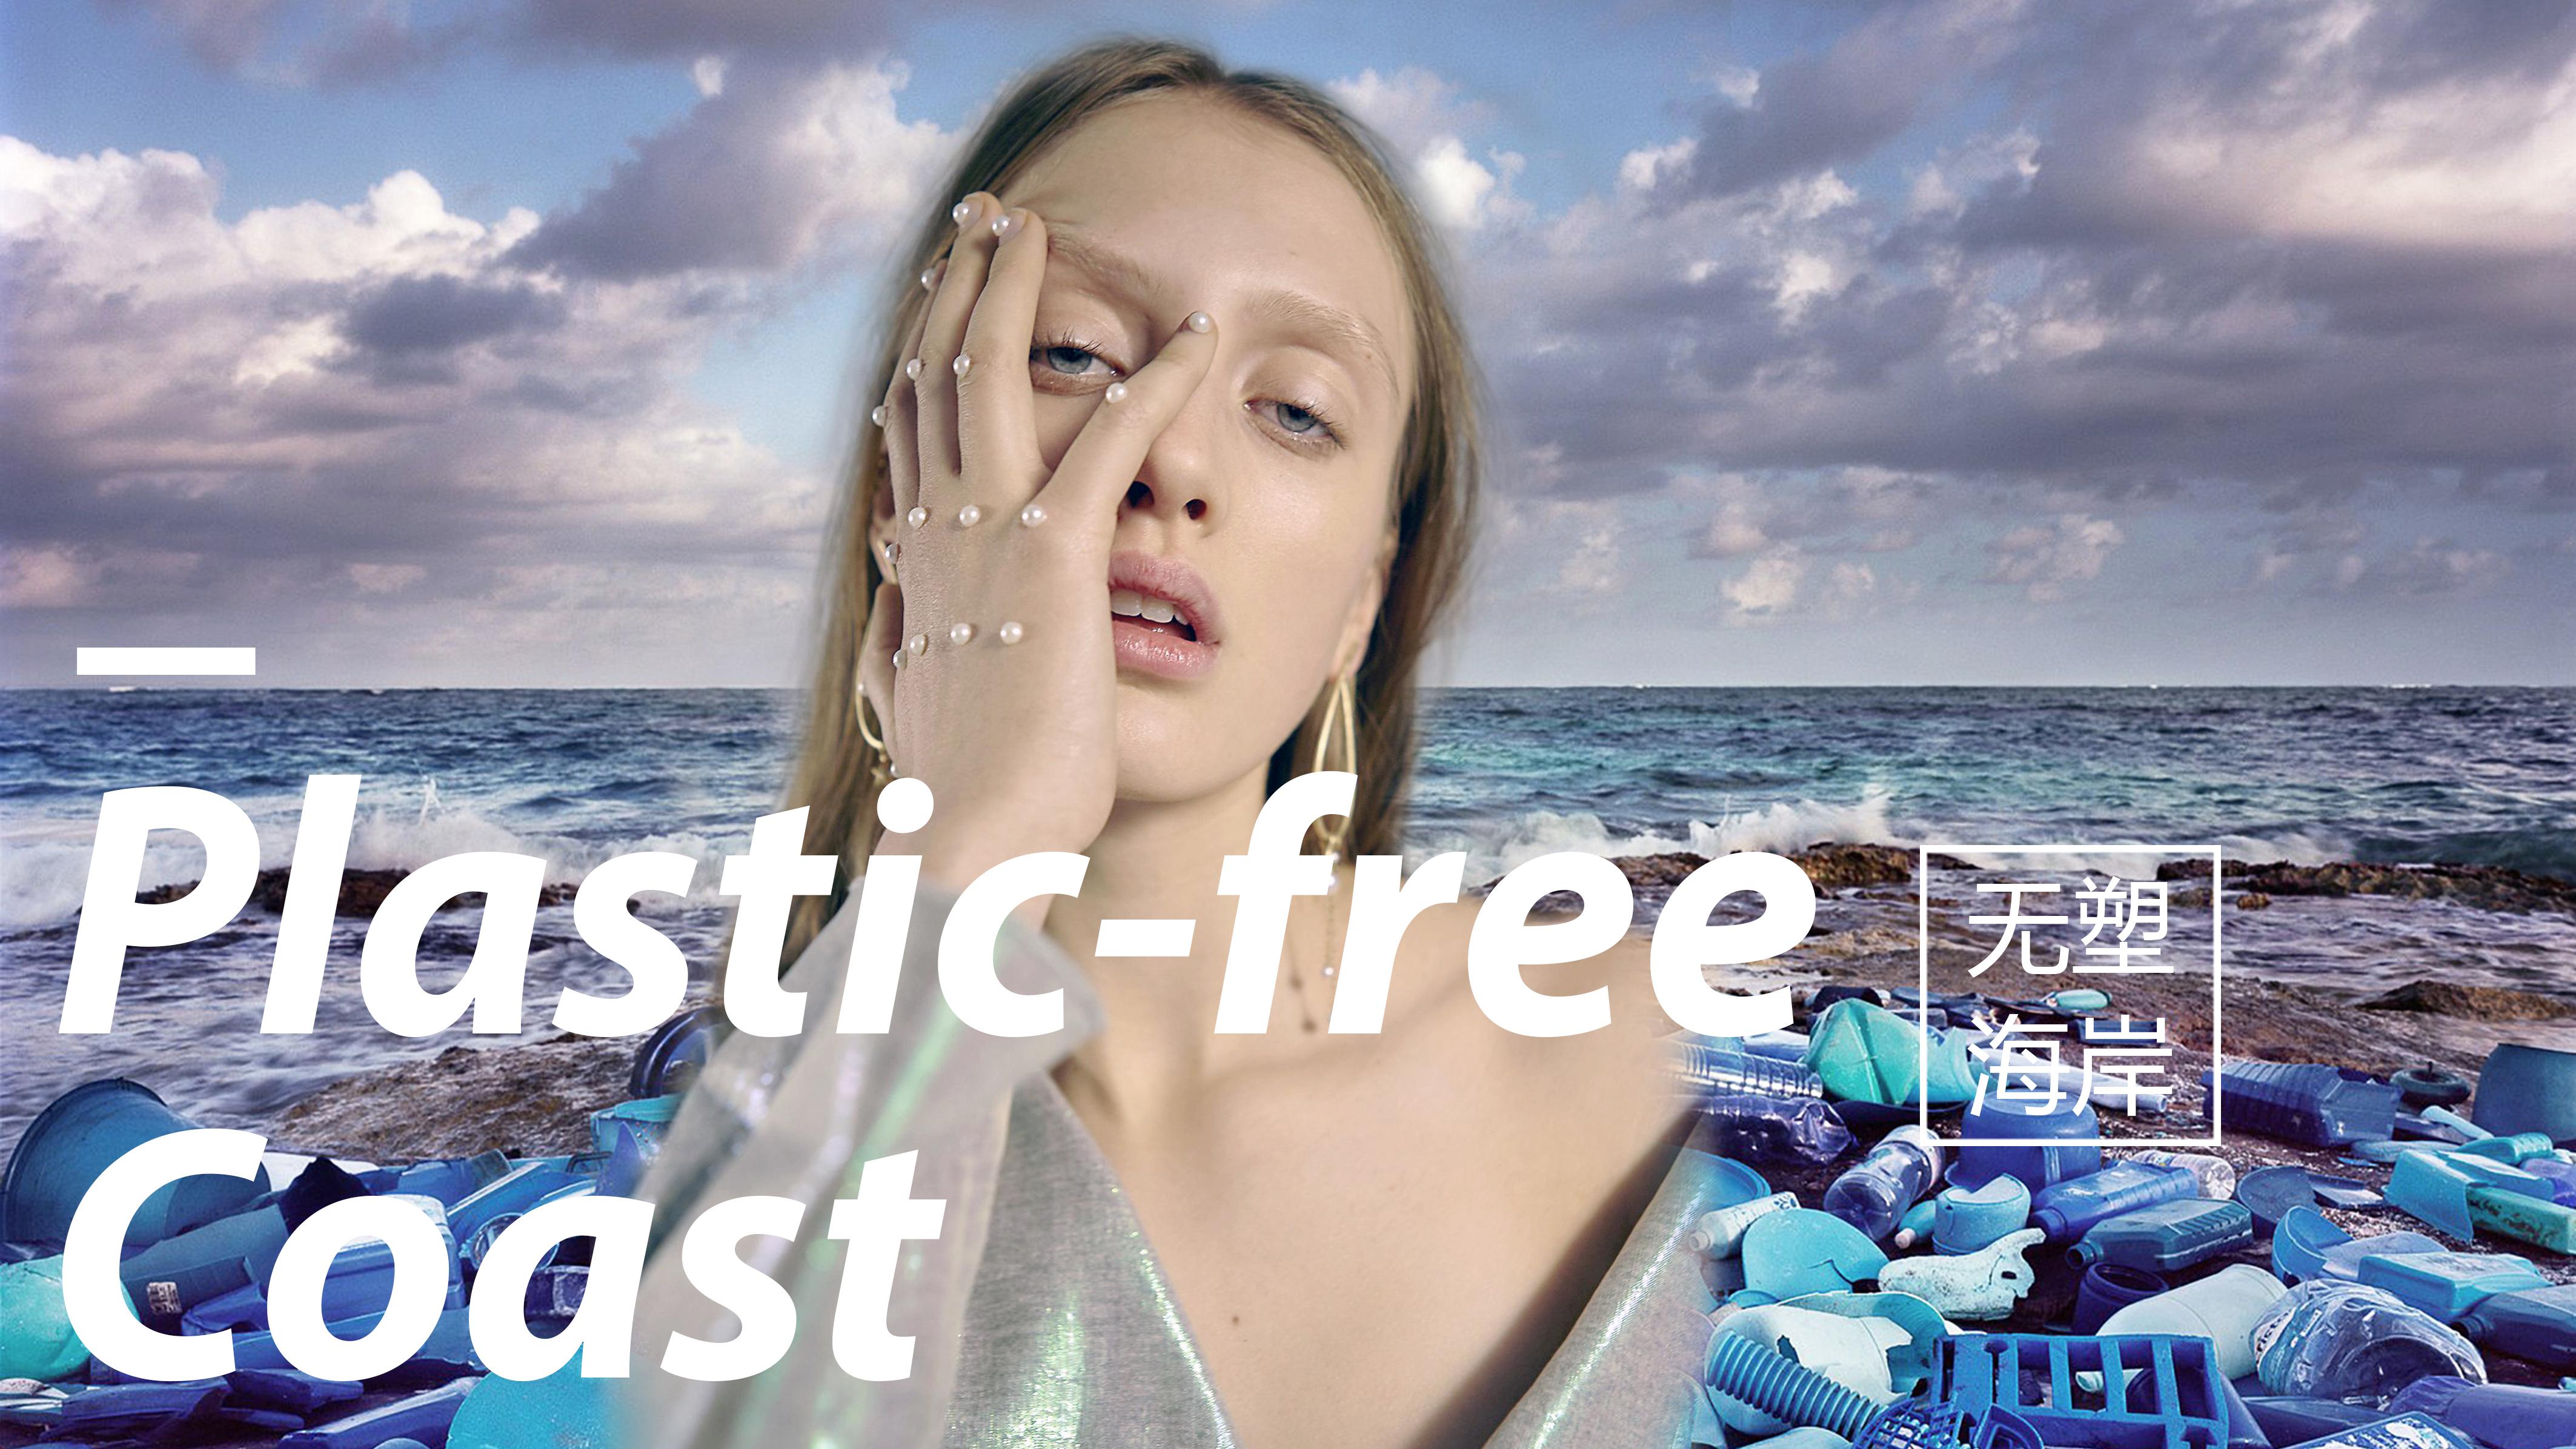 Plastic-Free Coast -- 2020 S/S Theme Trend